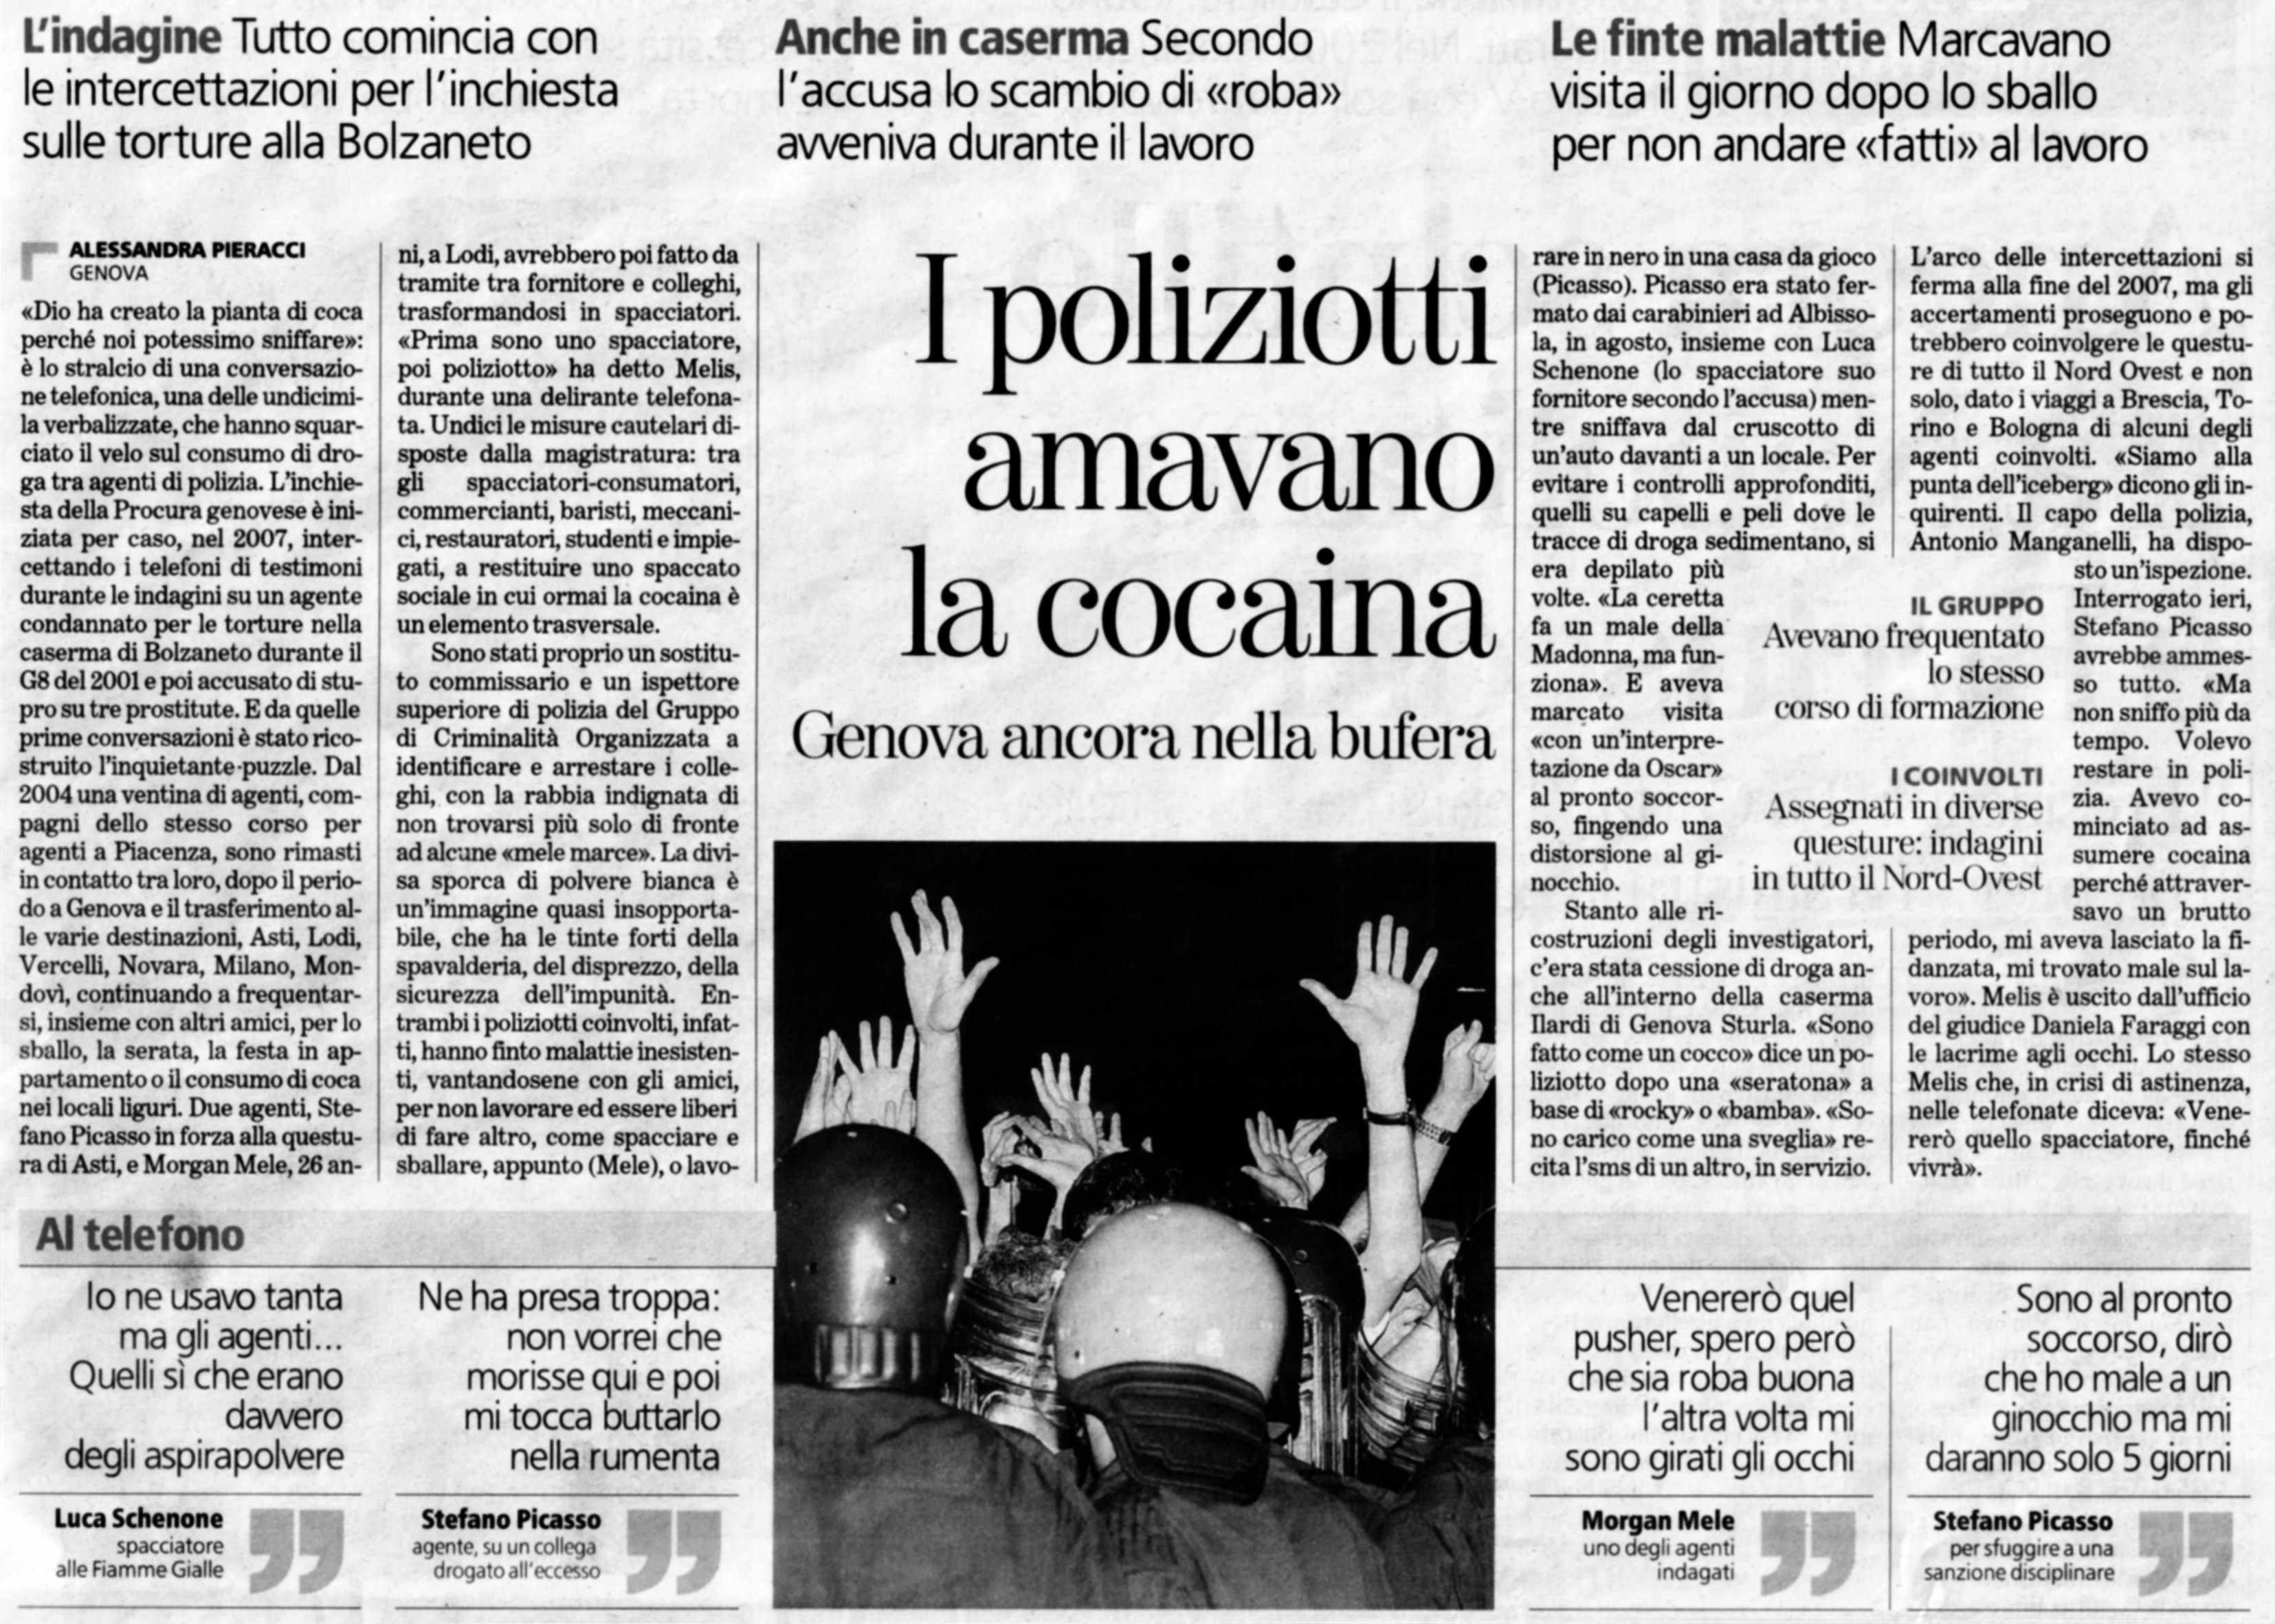 I Poliziotti amavano la Cocaina - La Stampa 14-feb-09a